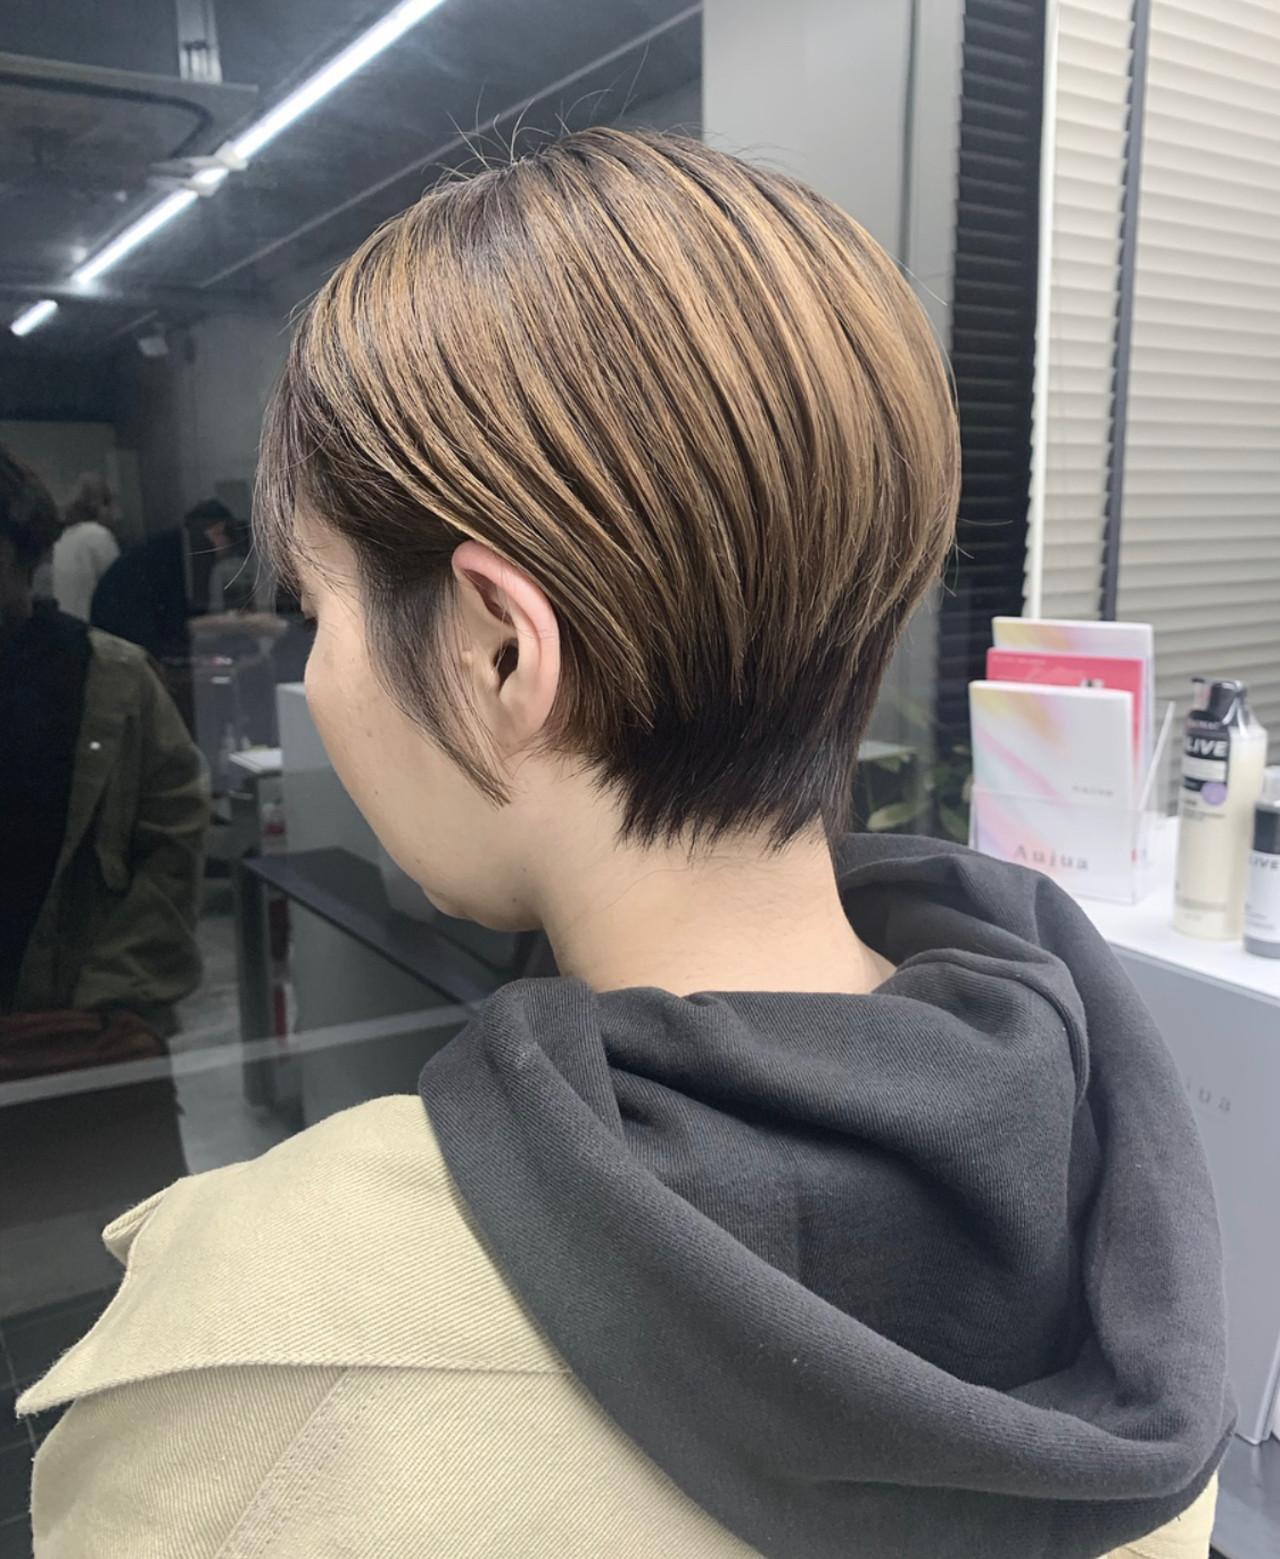 小顔ショート ハンサムショート ショート ナチュラル ヘアスタイルや髪型の写真・画像 | 谷島 瑠伊 / ALIVE omotesando